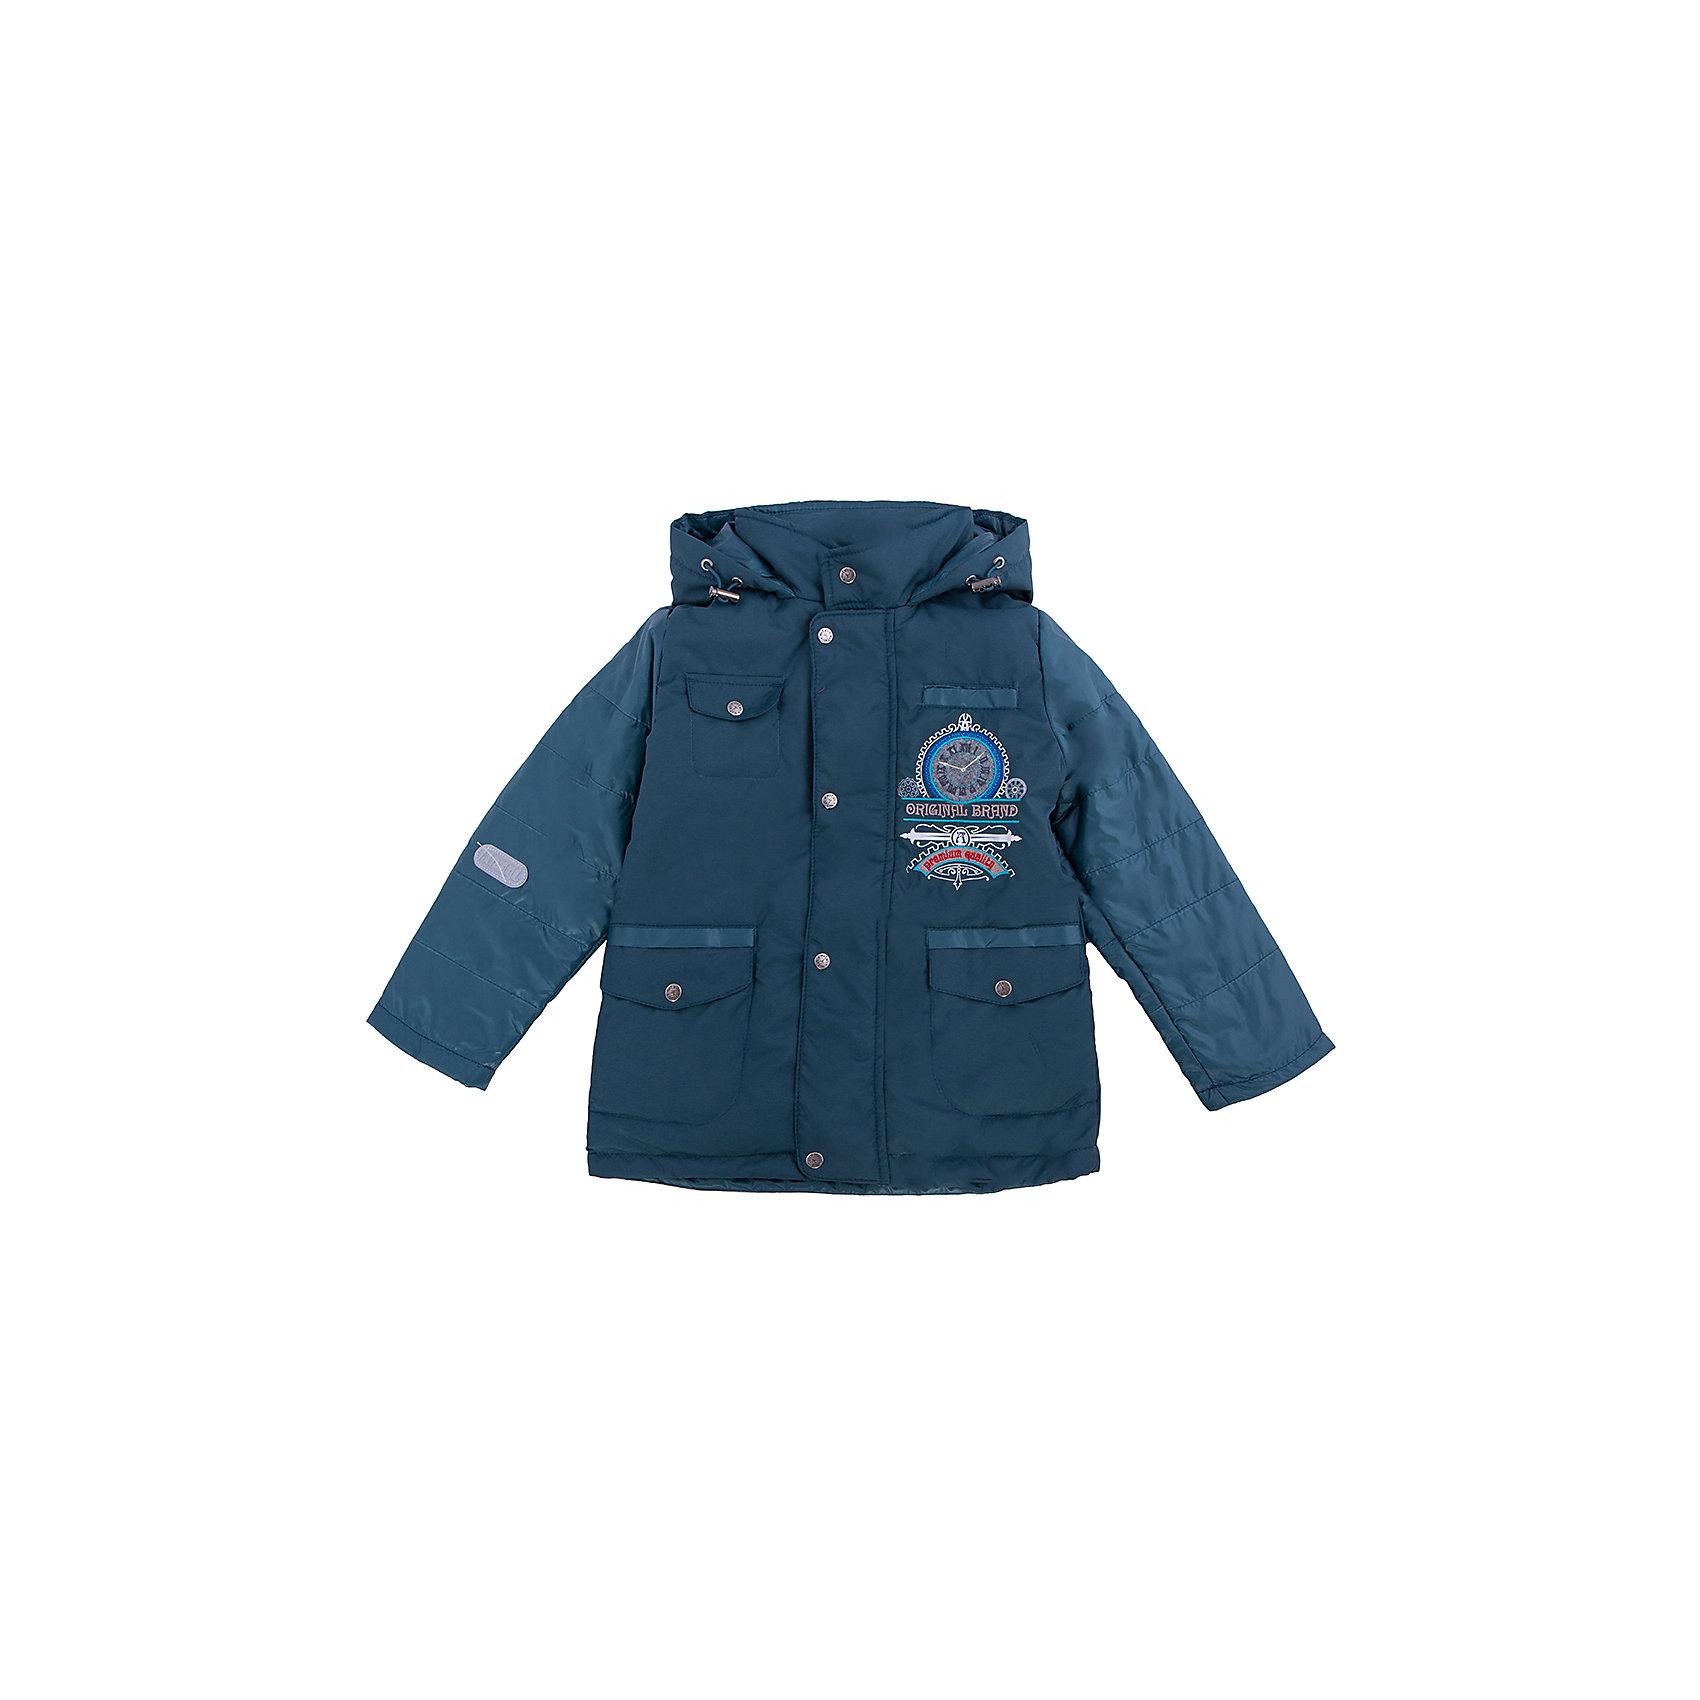 Куртка для мальчика АртельВерхняя одежда<br>Куртка для мальчика от торговой марки Артель &#13;<br>&#13;<br>Утепленная куртка позволит ребенку чувствовать себя комфортно даже в холодную погоду. Сделана она из качественных материалов, поэтому может прослужить не один сезон. Практичная и удобная вещь.<br>Одежда от бренда Артель – это высокое качество по приемлемой цене и всегда продуманный дизайн. &#13;<br>&#13;<br>Особенности модели: &#13;<br>- цвет - зеленый;&#13;<br>- наличие карманов;&#13;<br>- капюшон;<br>- утеплитель;&#13;<br>- украшена вышивкой;&#13;<br>- застежка-молния под клапаном на кнопках.&#13;<br>&#13;<br>Дополнительная информация:&#13;<br>&#13;<br>Состав: &#13;<br>- верх: FITSYSTEM;<br>- подкладка: тиси;<br>- утеплитель: термофайбер 100 г<br>&#13;<br>Температурный режим: &#13;<br>от - 10 °C до + 10 °C&#13;<br>&#13;<br>Куртку для мальчика Артель (Artel) можно купить в нашем магазине.<br><br>Ширина мм: 356<br>Глубина мм: 10<br>Высота мм: 245<br>Вес г: 519<br>Цвет: зеленый<br>Возраст от месяцев: 48<br>Возраст до месяцев: 60<br>Пол: Мужской<br>Возраст: Детский<br>Размер: 110,116,104,122,128<br>SKU: 4496048